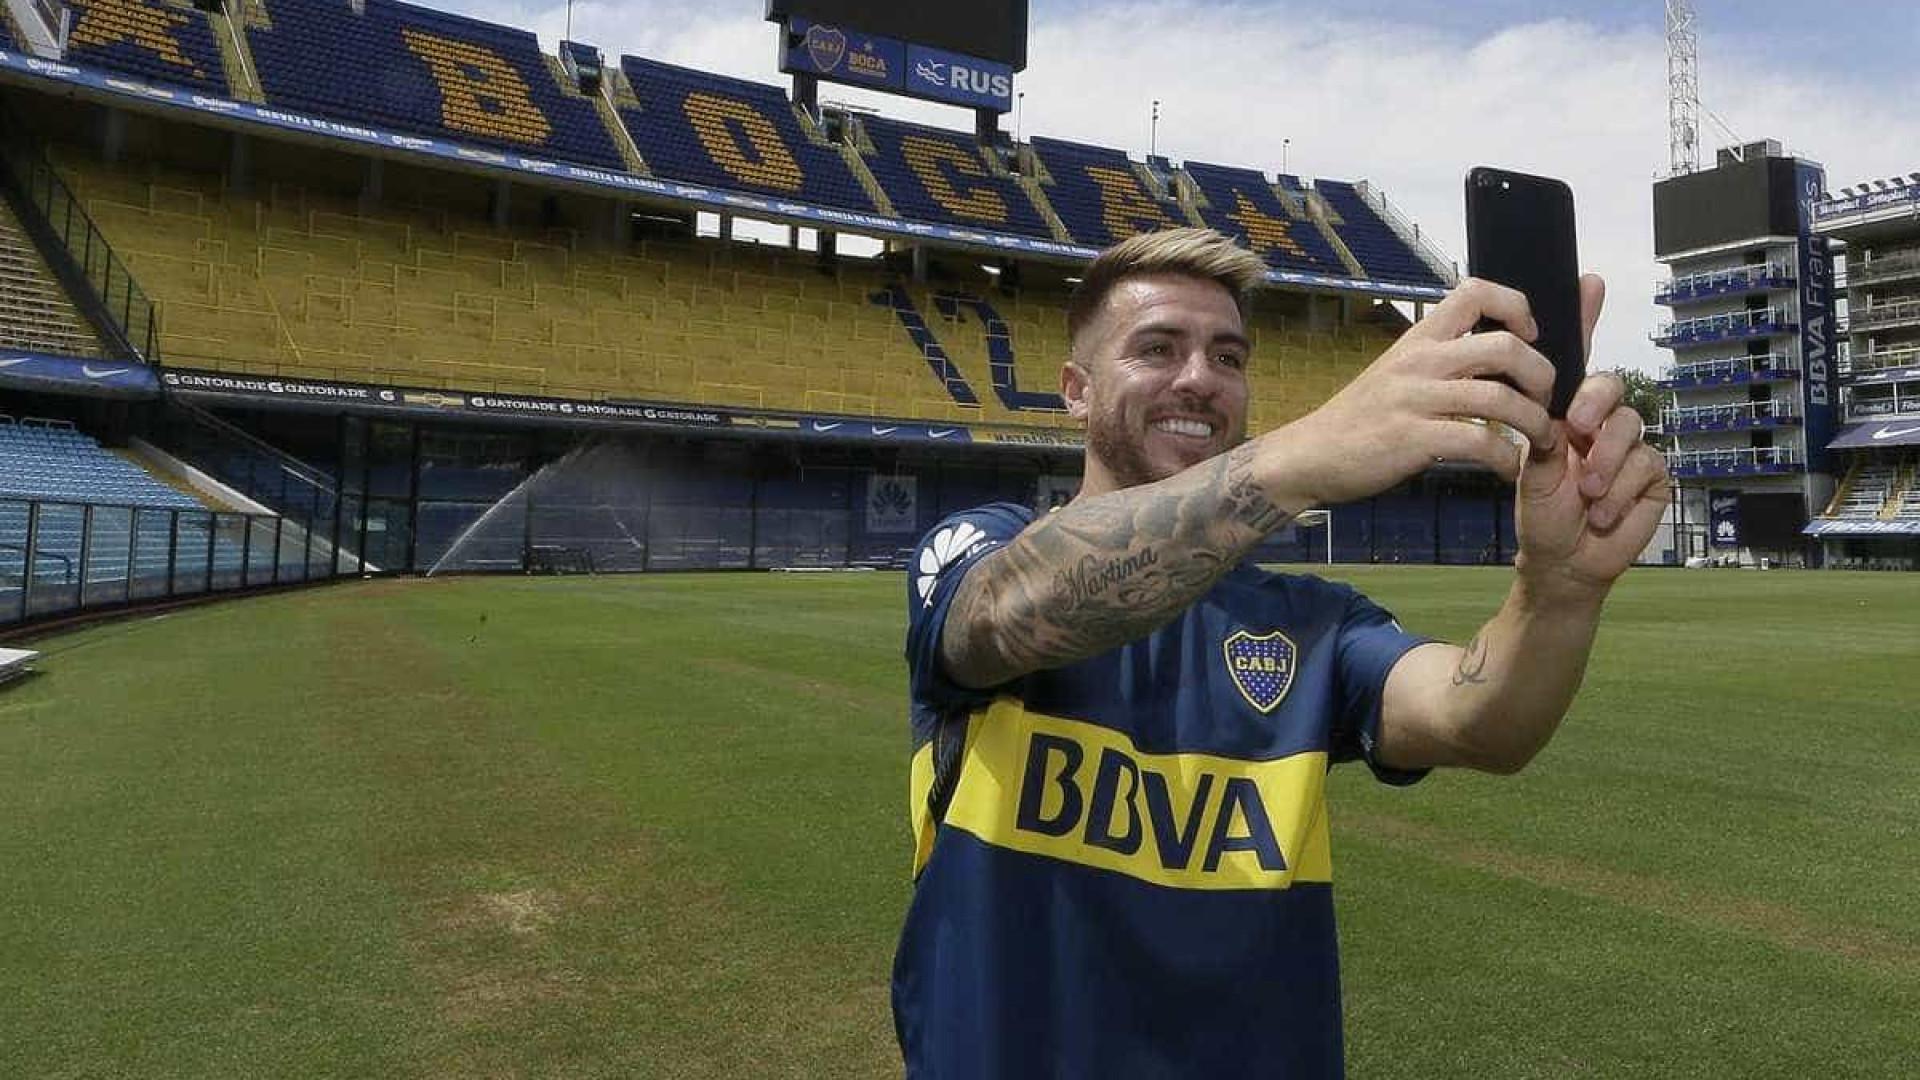 Anunciado pelo Boca Juniors, Buffarini decepcionou no São Paulo